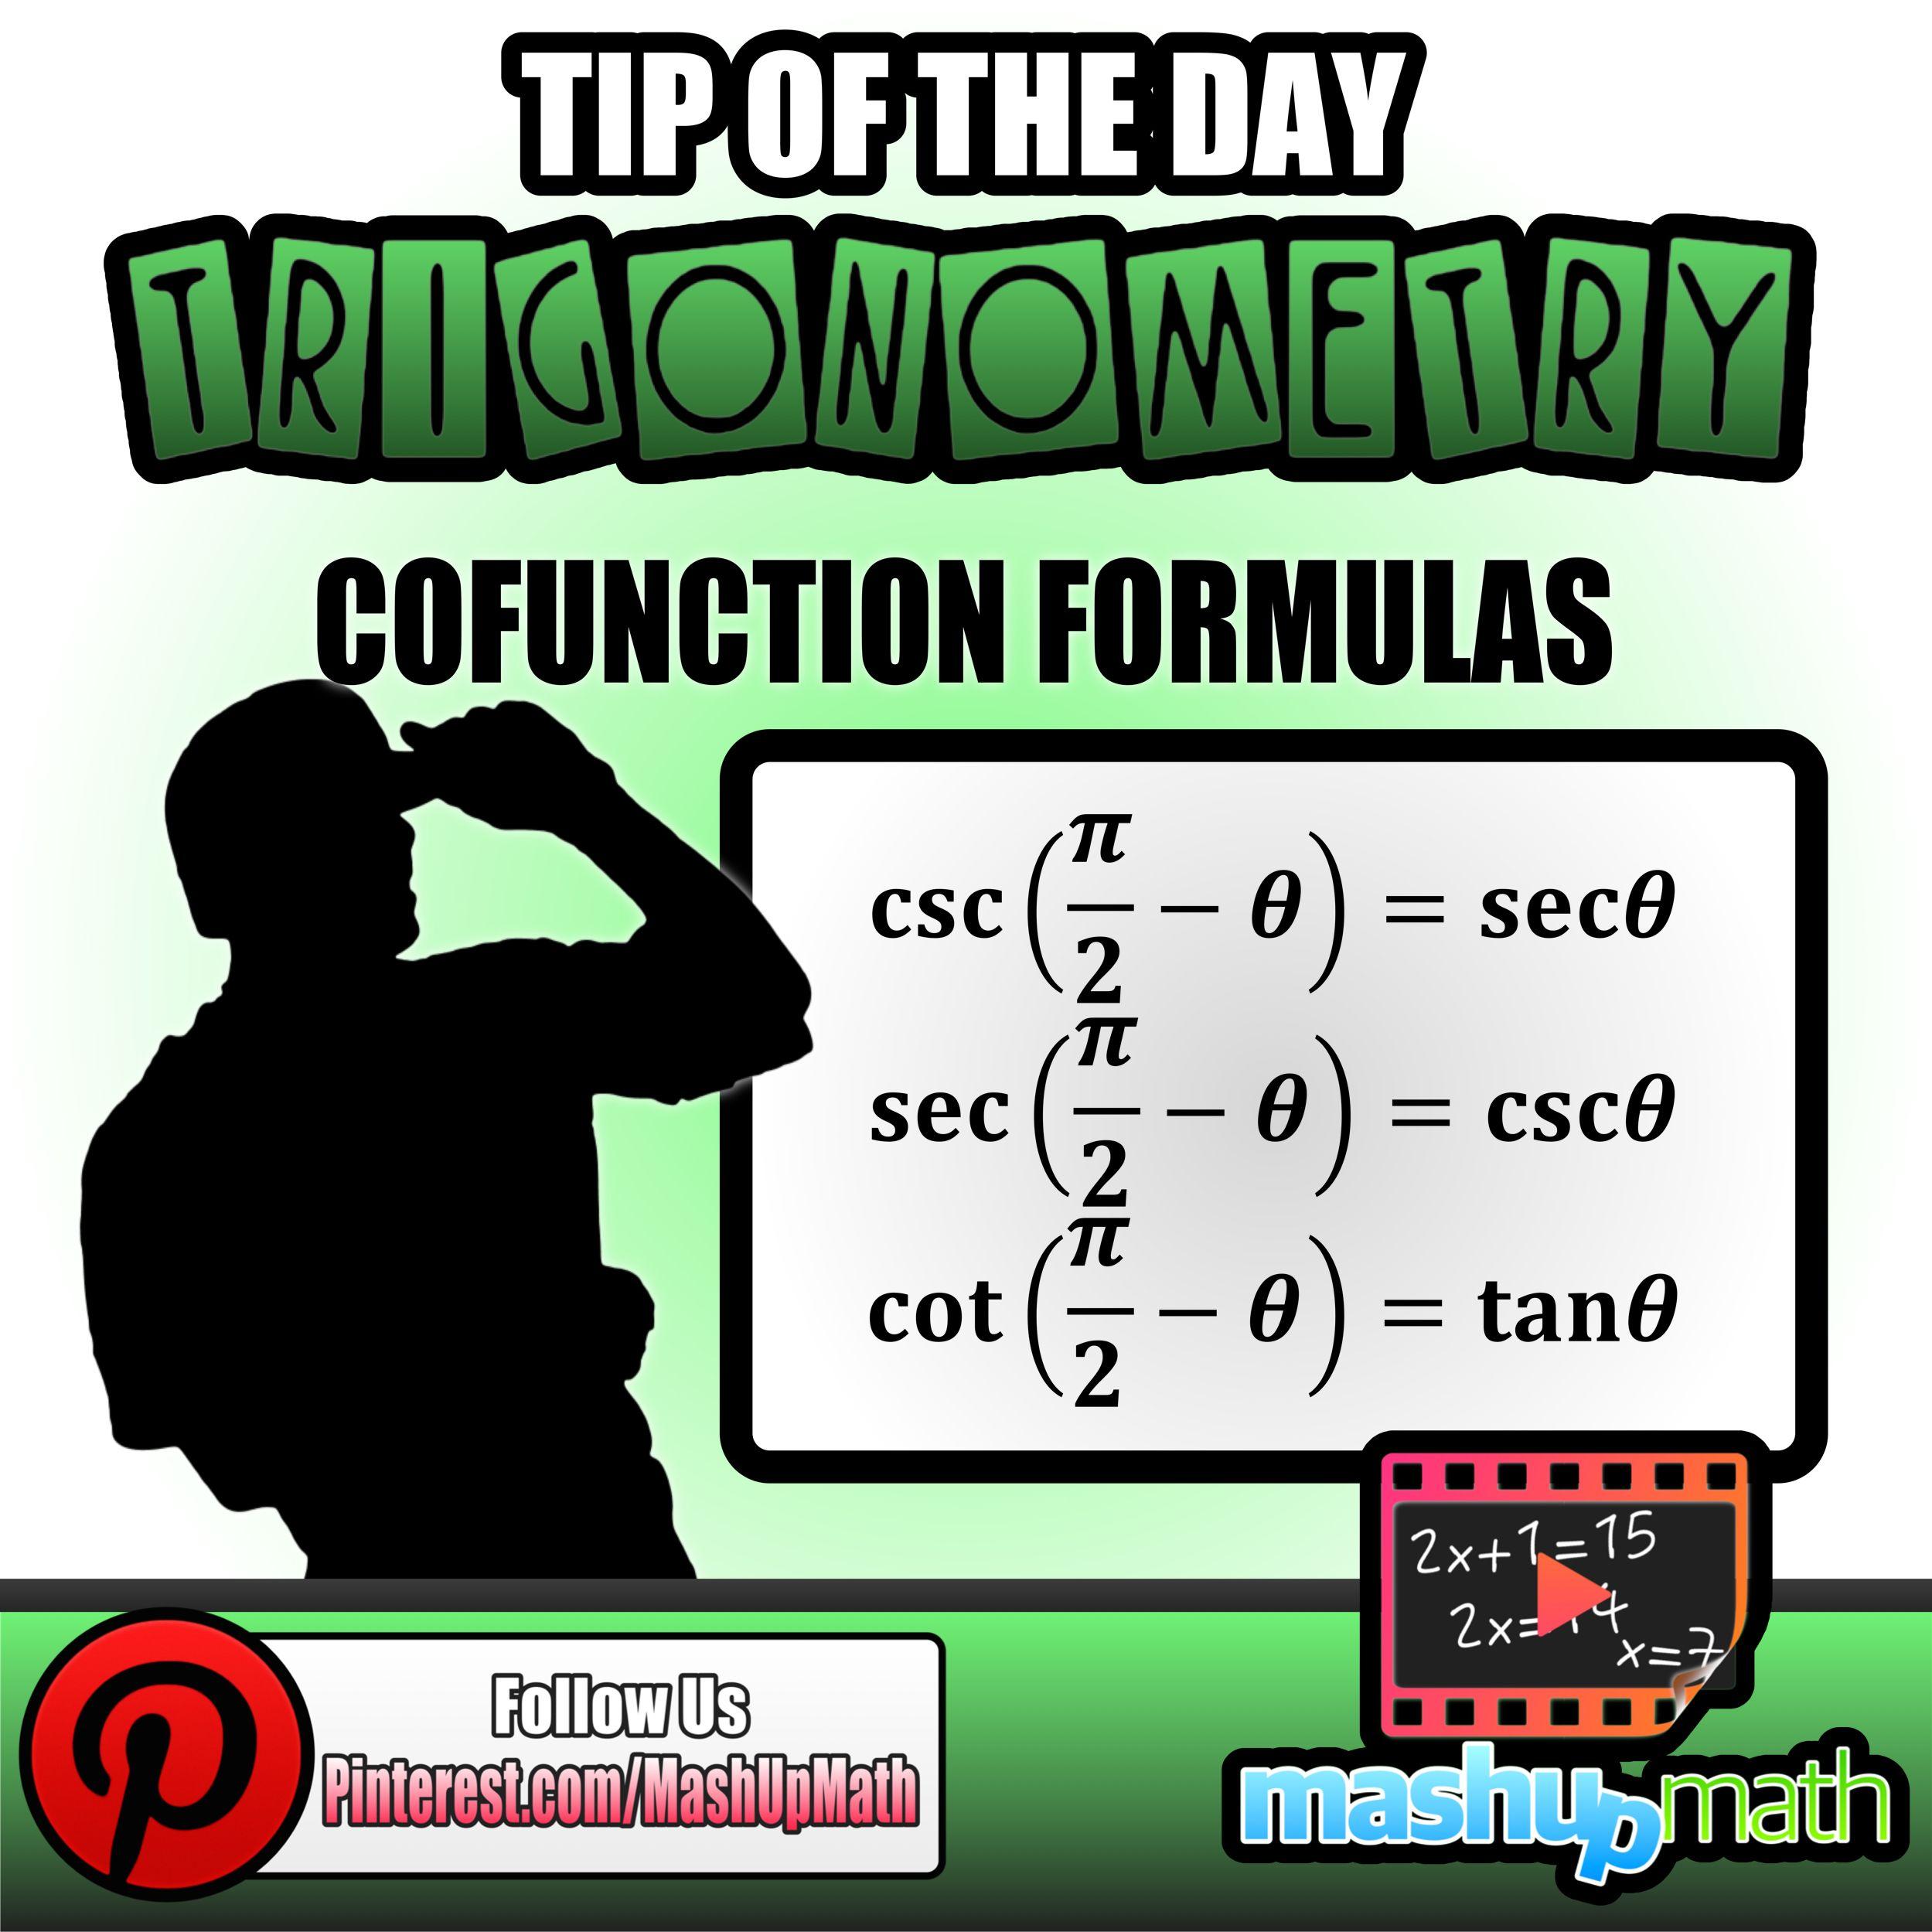 Do you know the cofunction formulas for trigonometry??